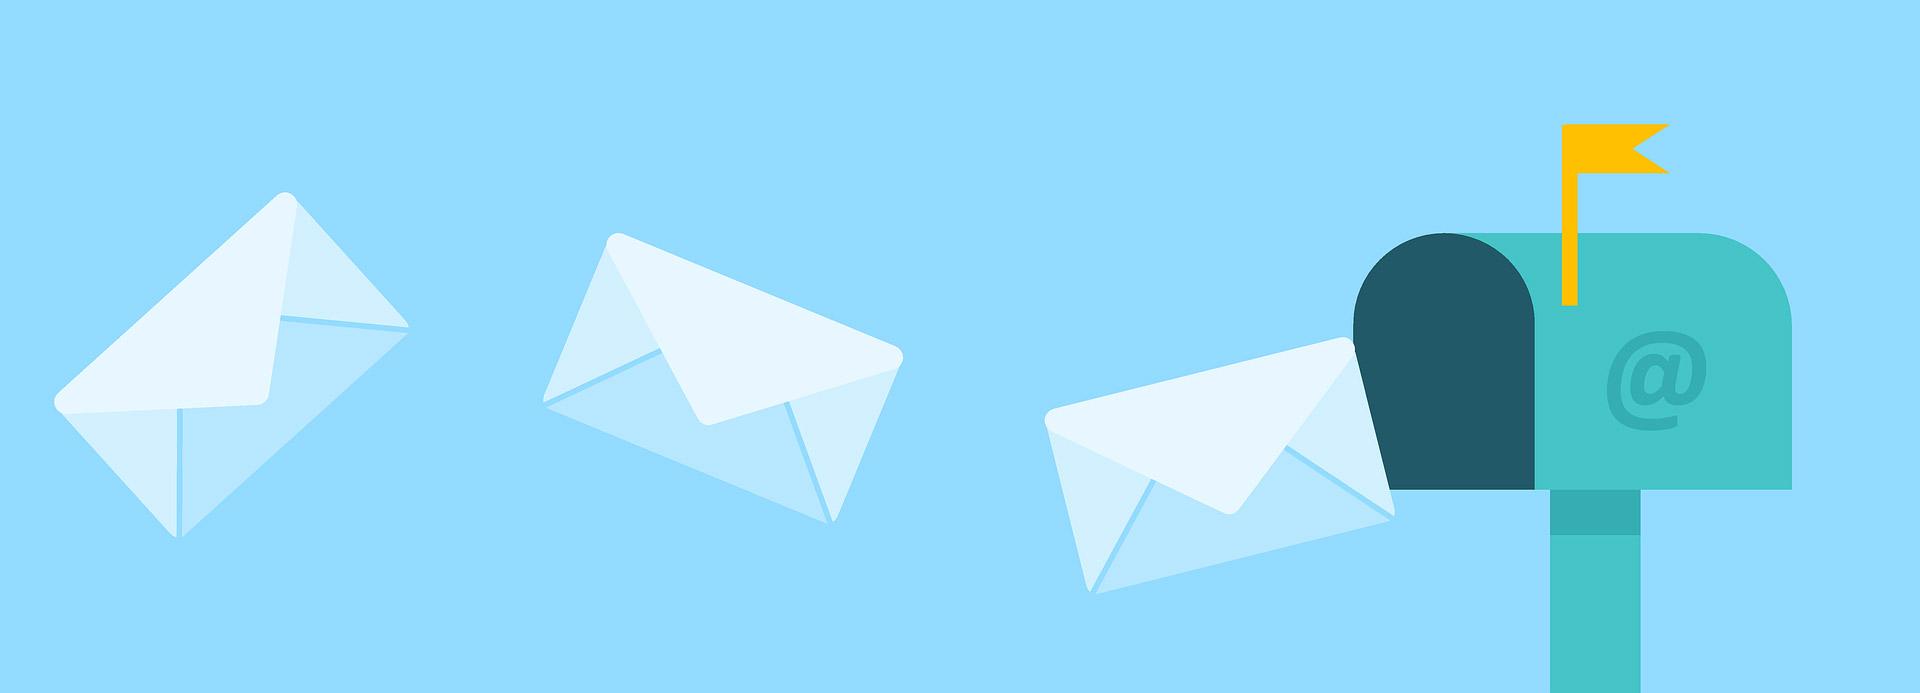 E-Mail-Zustellung